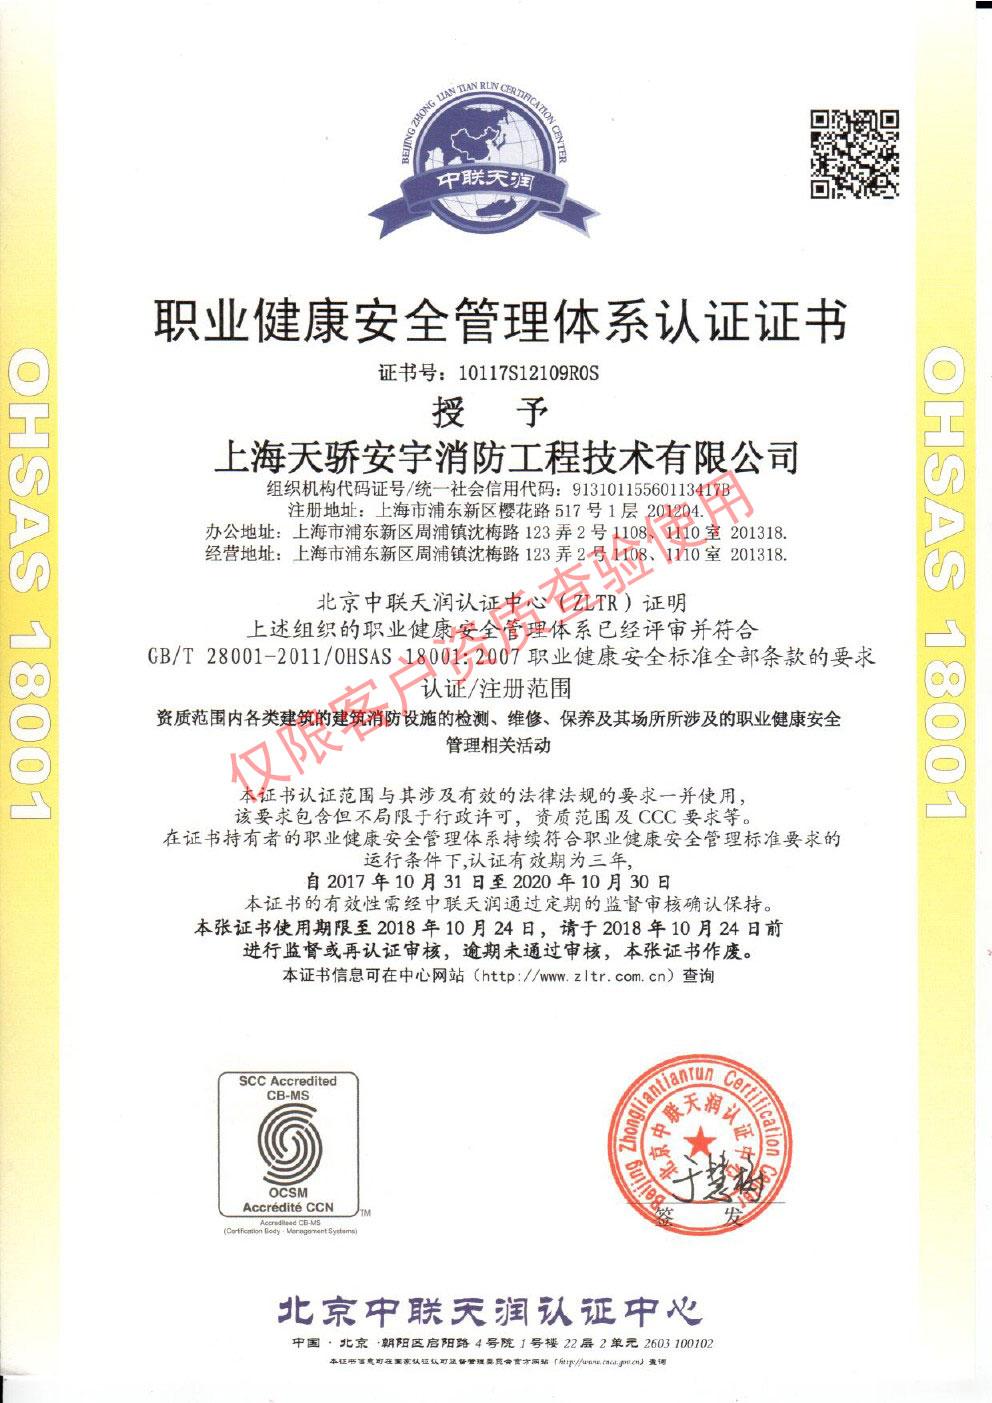 天骄职业健康安全管理体系认证证书